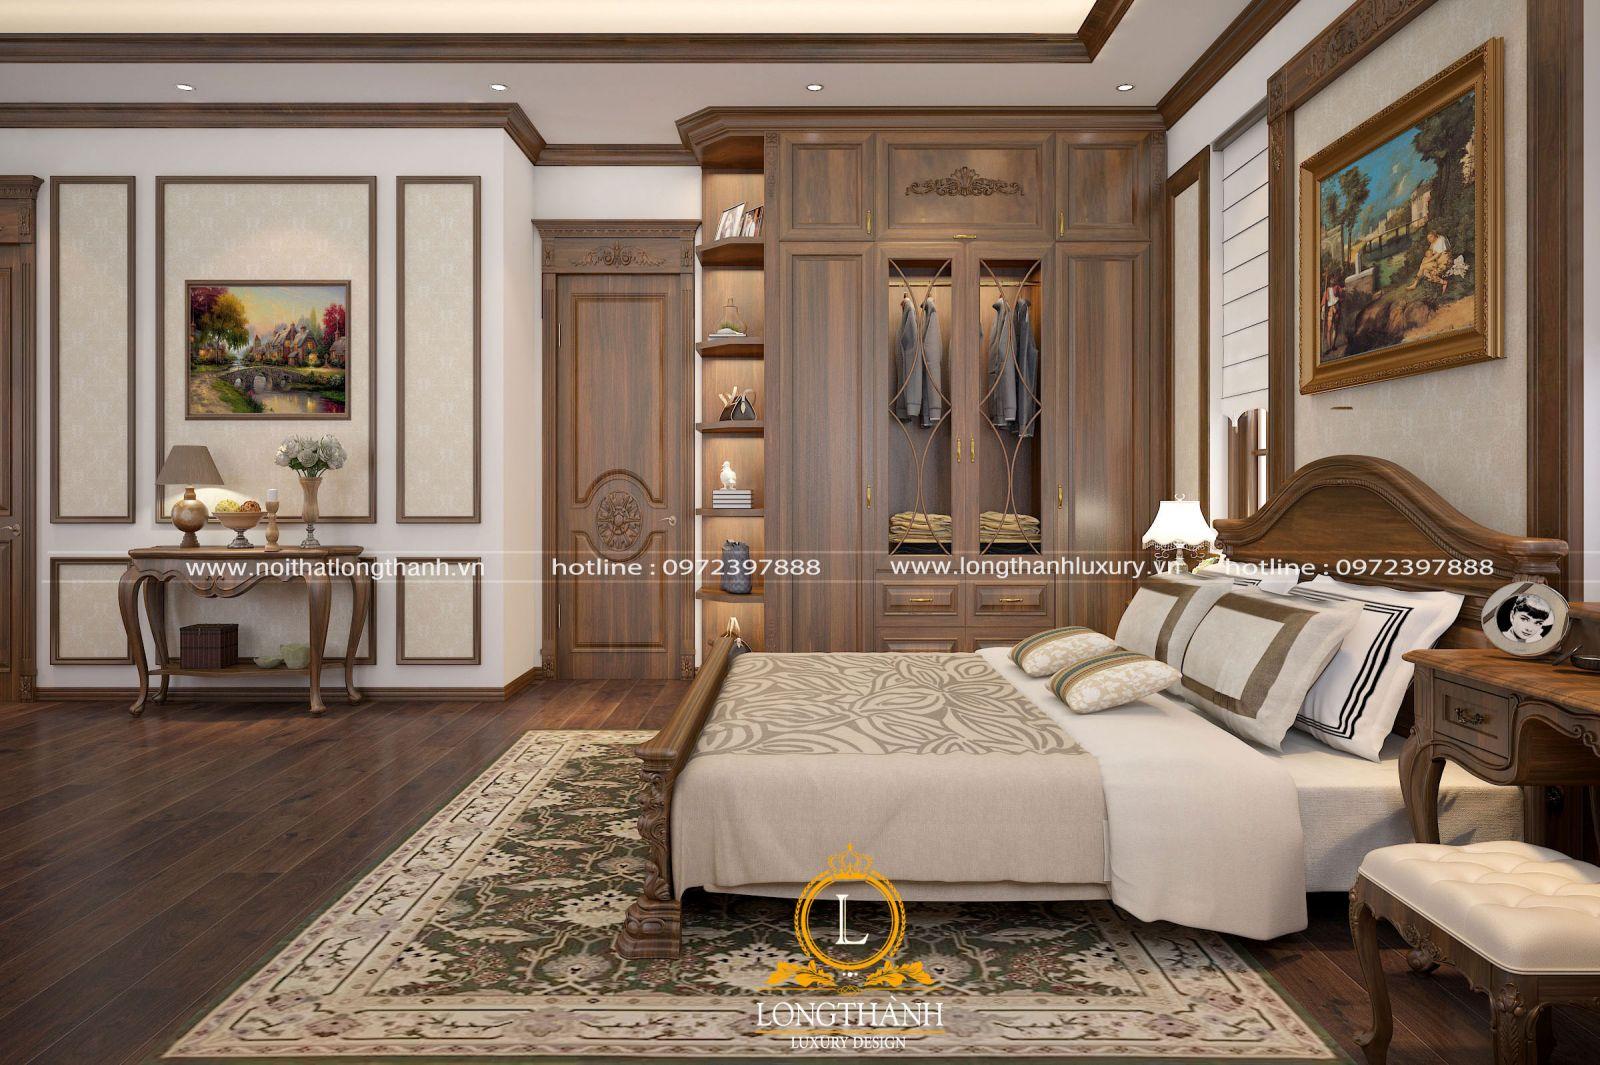 Combo giường tu tân cổ điển gỗ tự nhiên